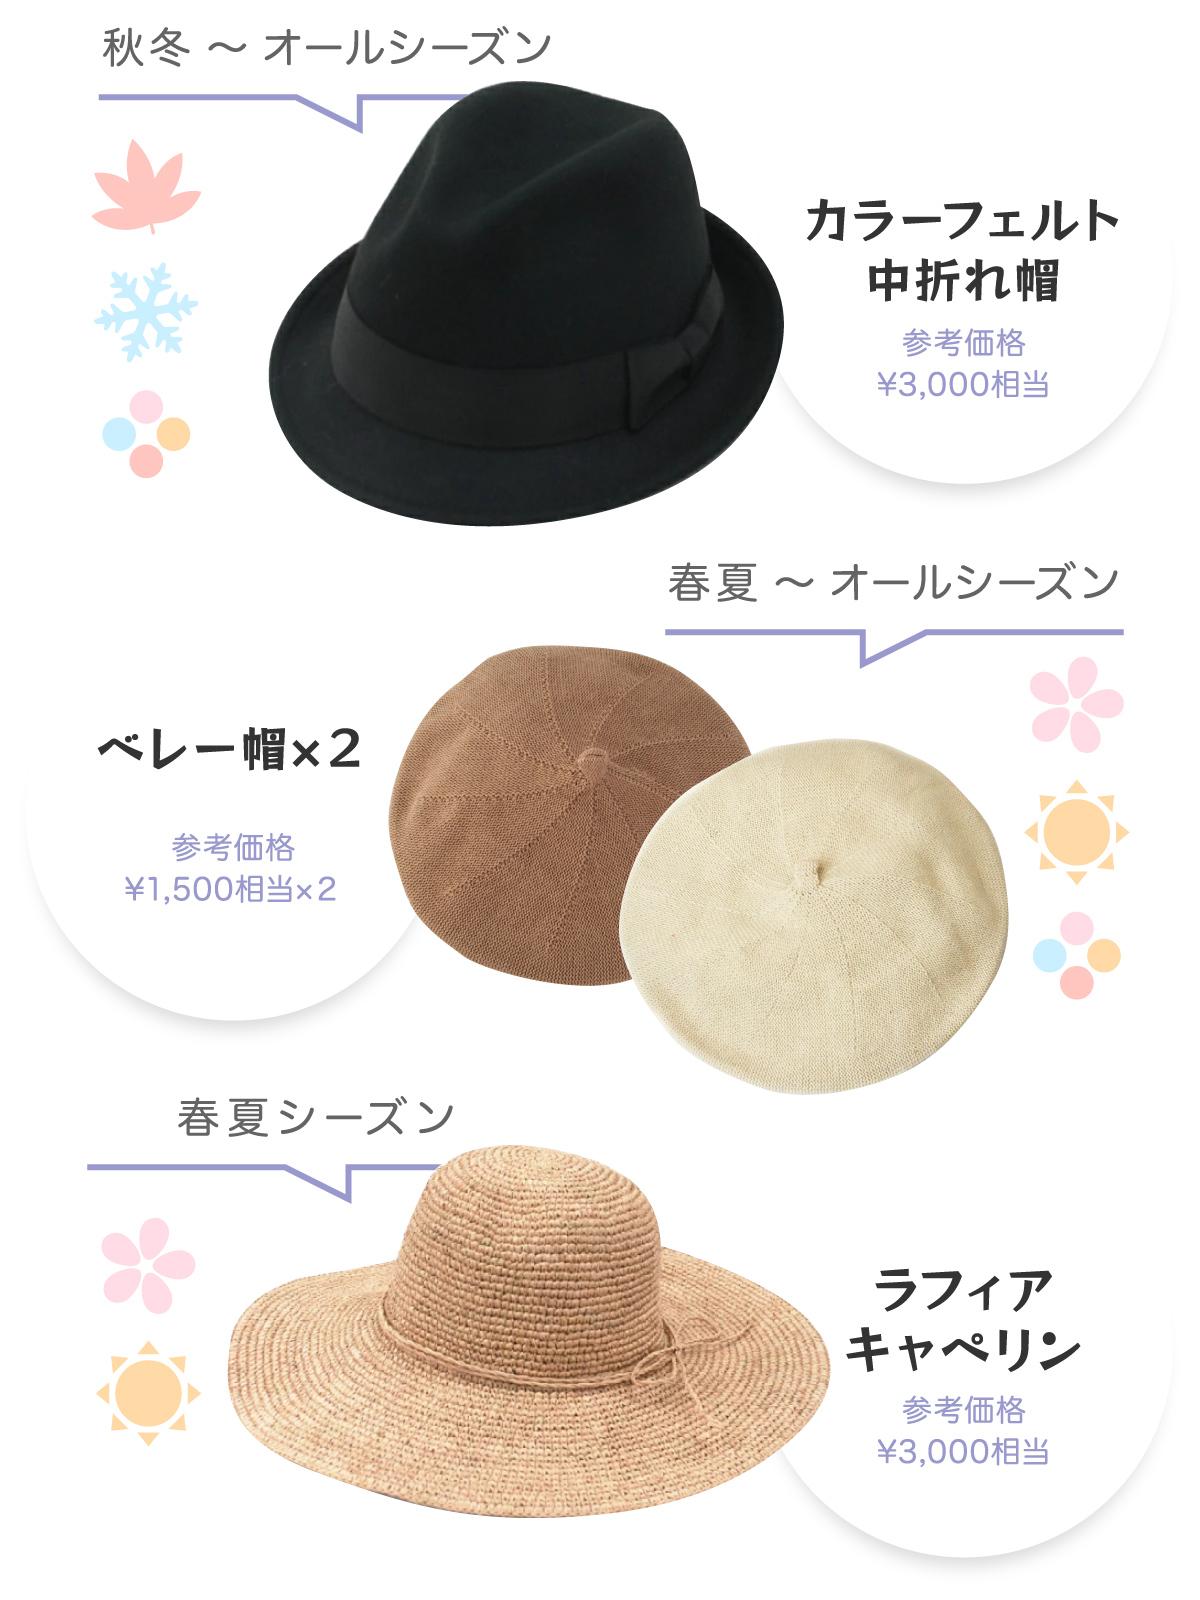 帽子のサブスクイメージ